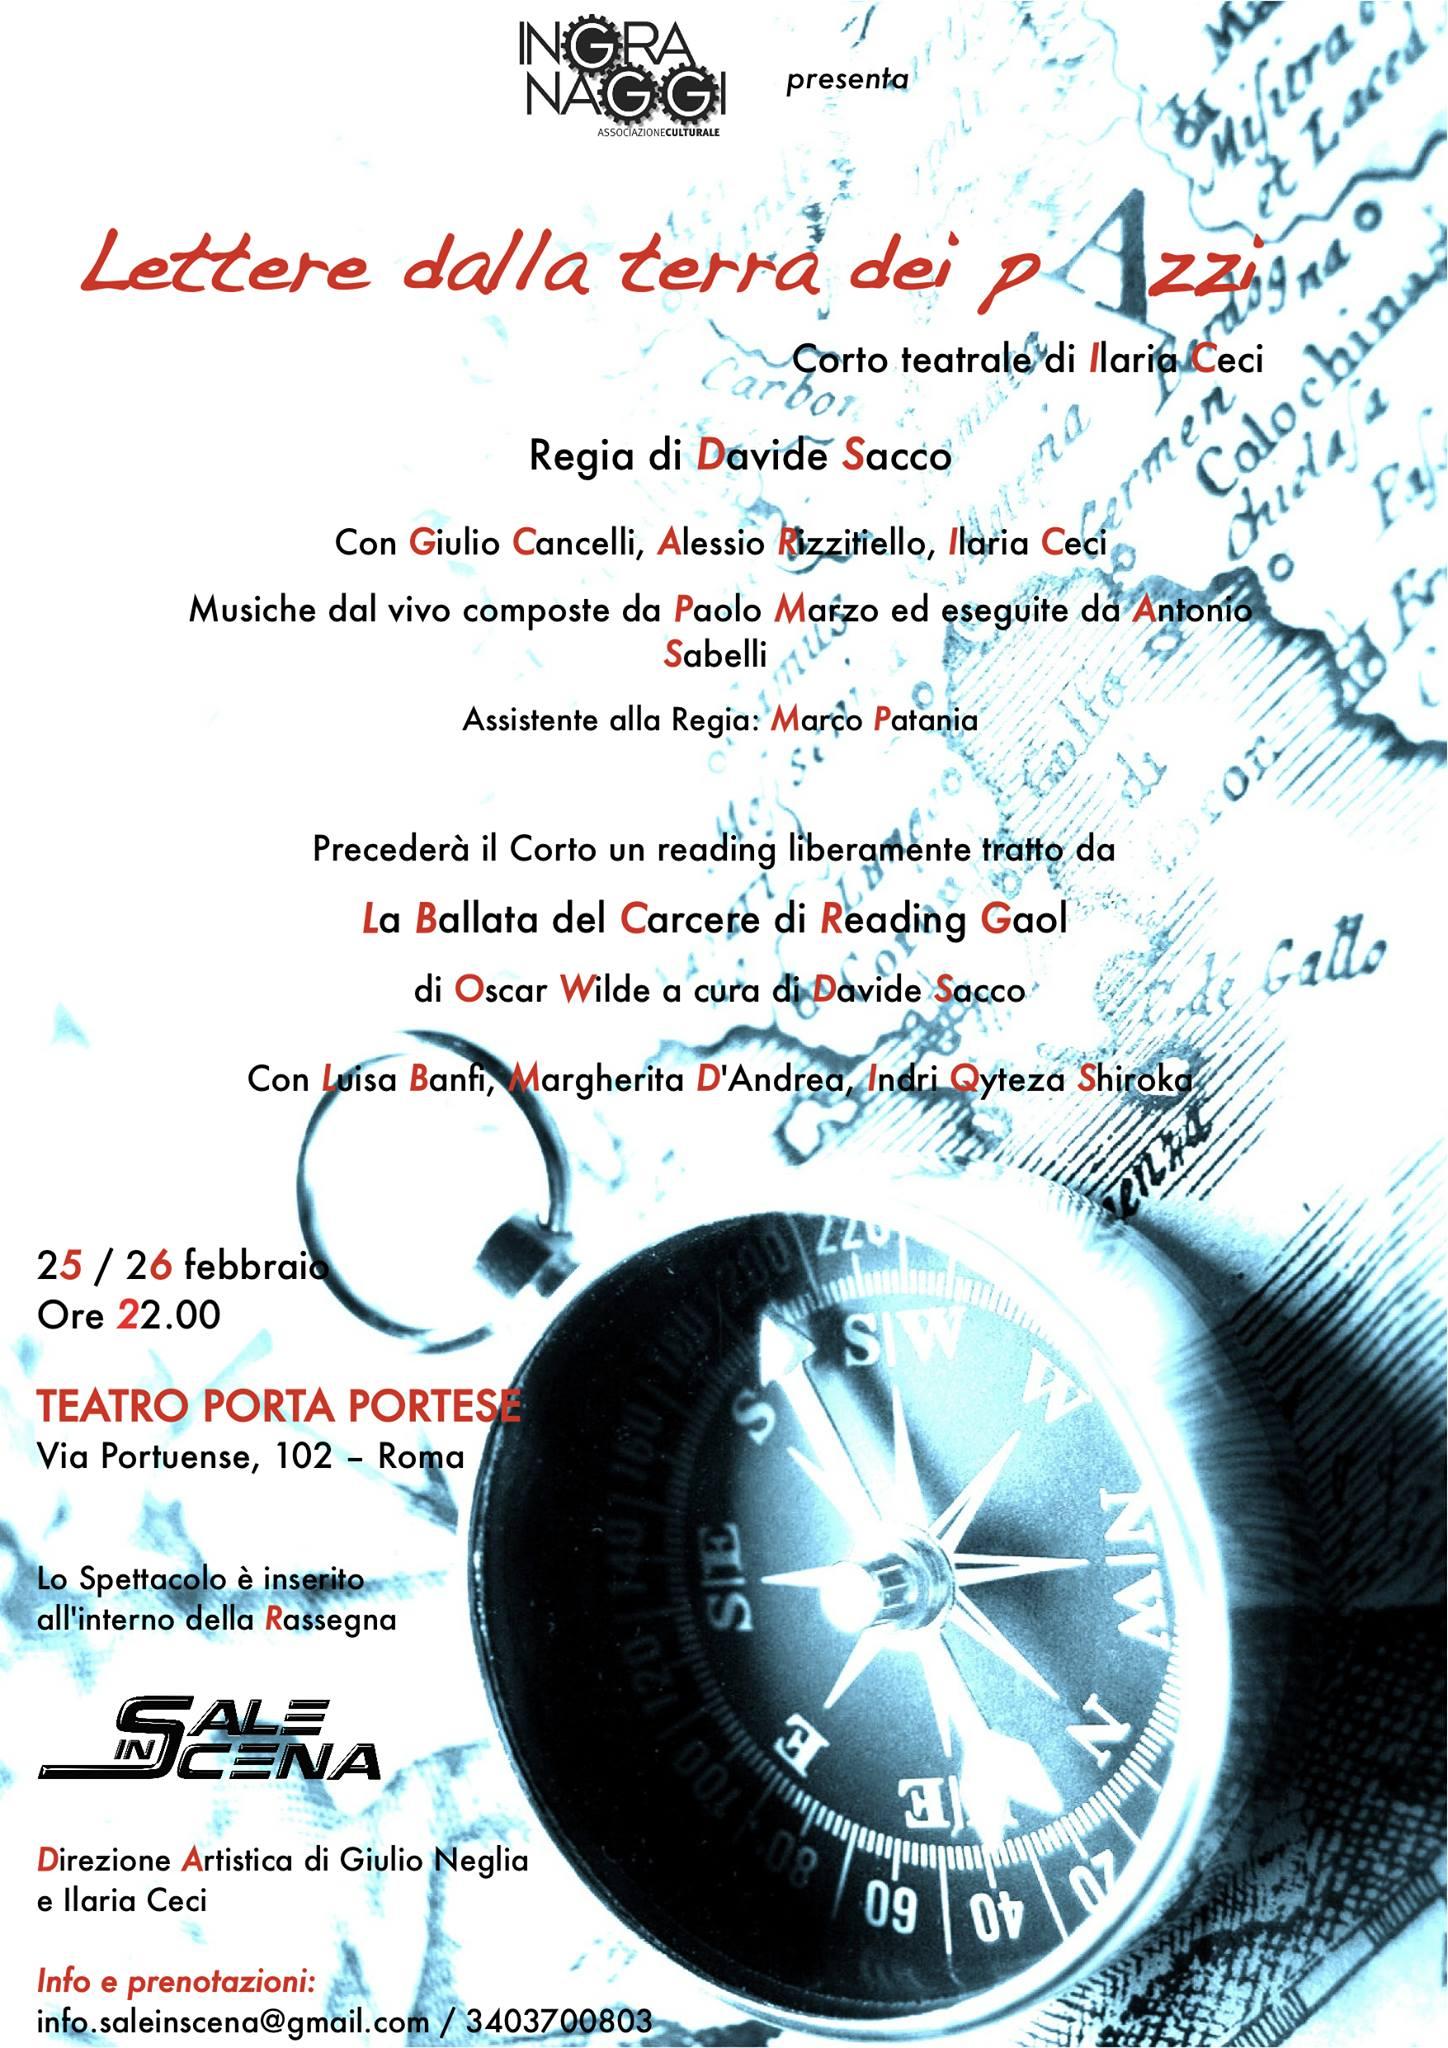 Teatro porta portese di roma tre spettacoli in uno hugo - Porta portese offerte lavoro roma ...